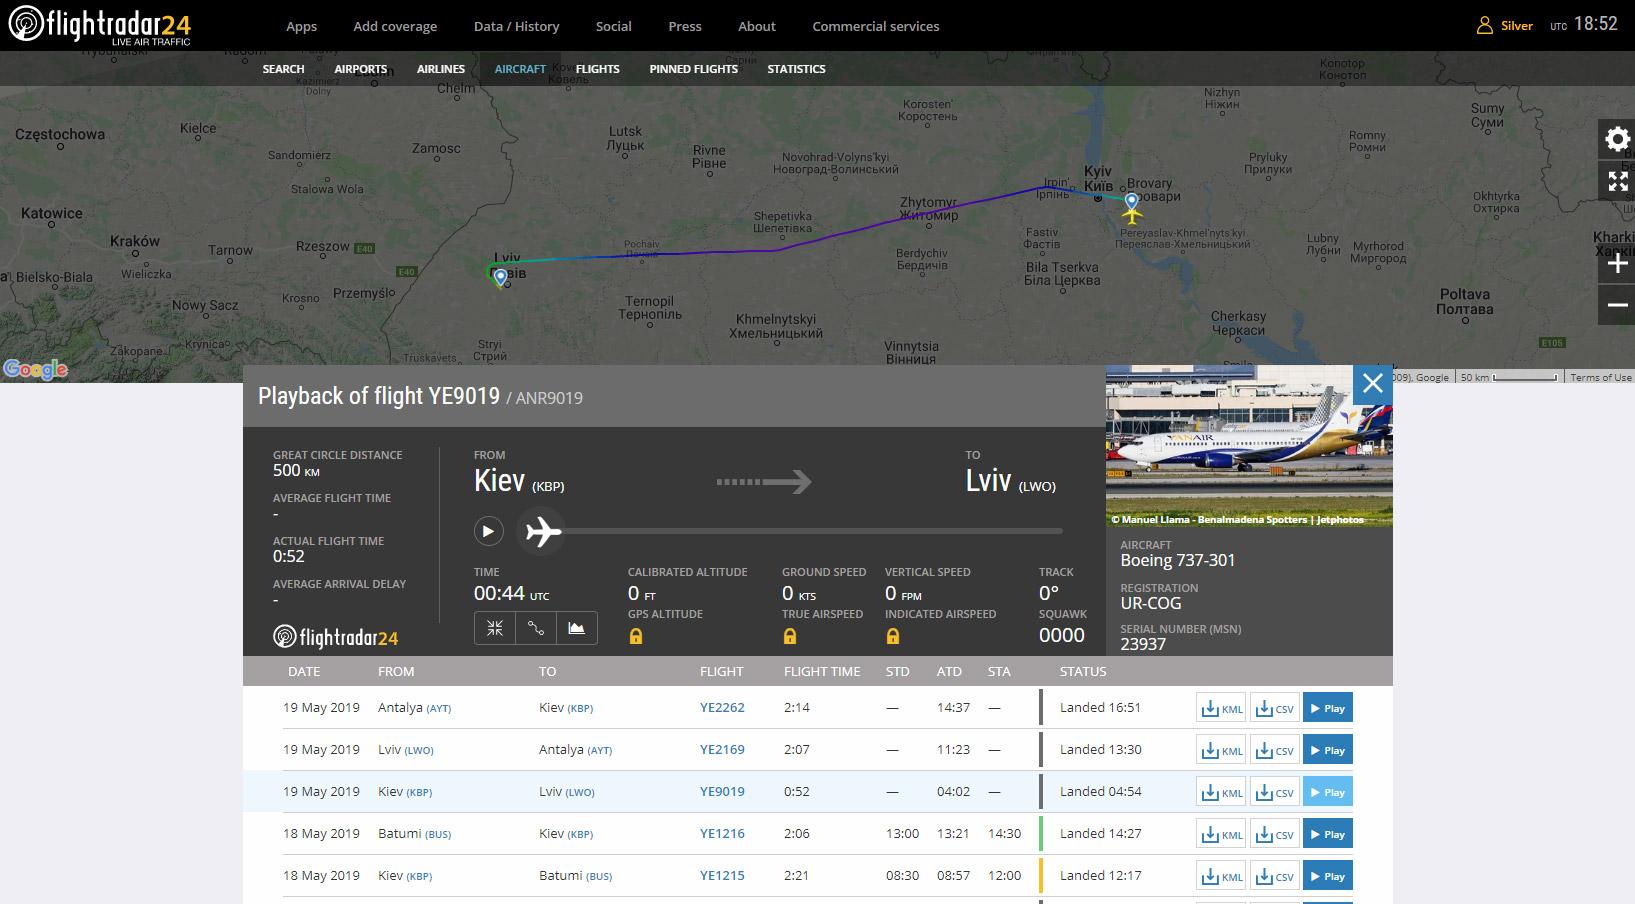 Трекинг рейса Yanair Житомир-Львов на самолете Boeing 737-300 UR-COG. Скрин flighradar24.com